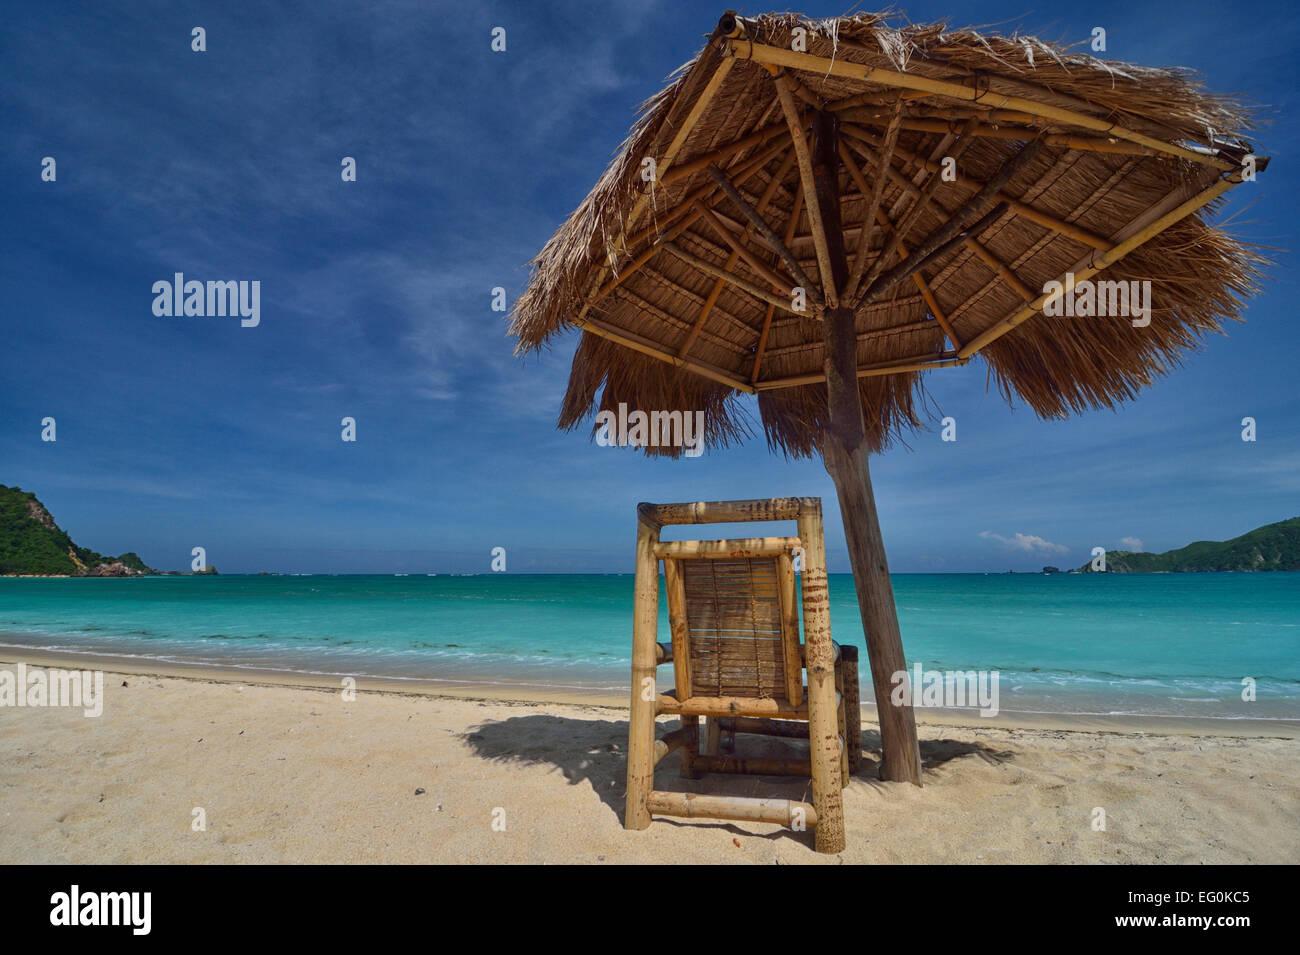 Liegestuhl mit sonnenschirm strand  Liegestuhl und Sonnenschirm, Strand von Kuta, Indonesien Stockfoto ...